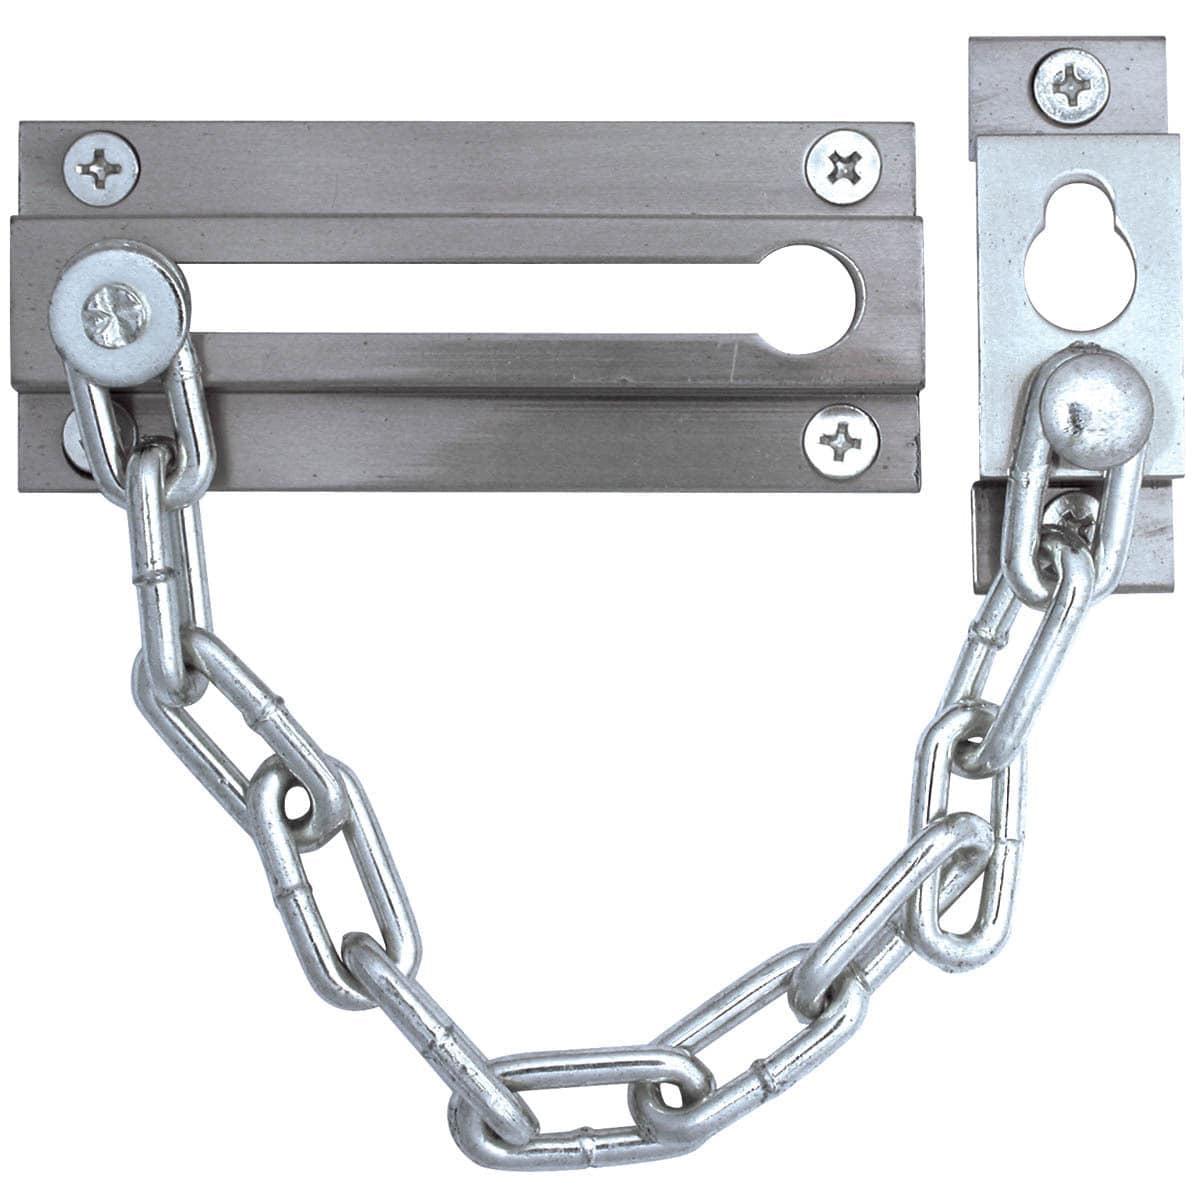 Ultra Hardware 29012 Chrome Finish Chain Door Guard